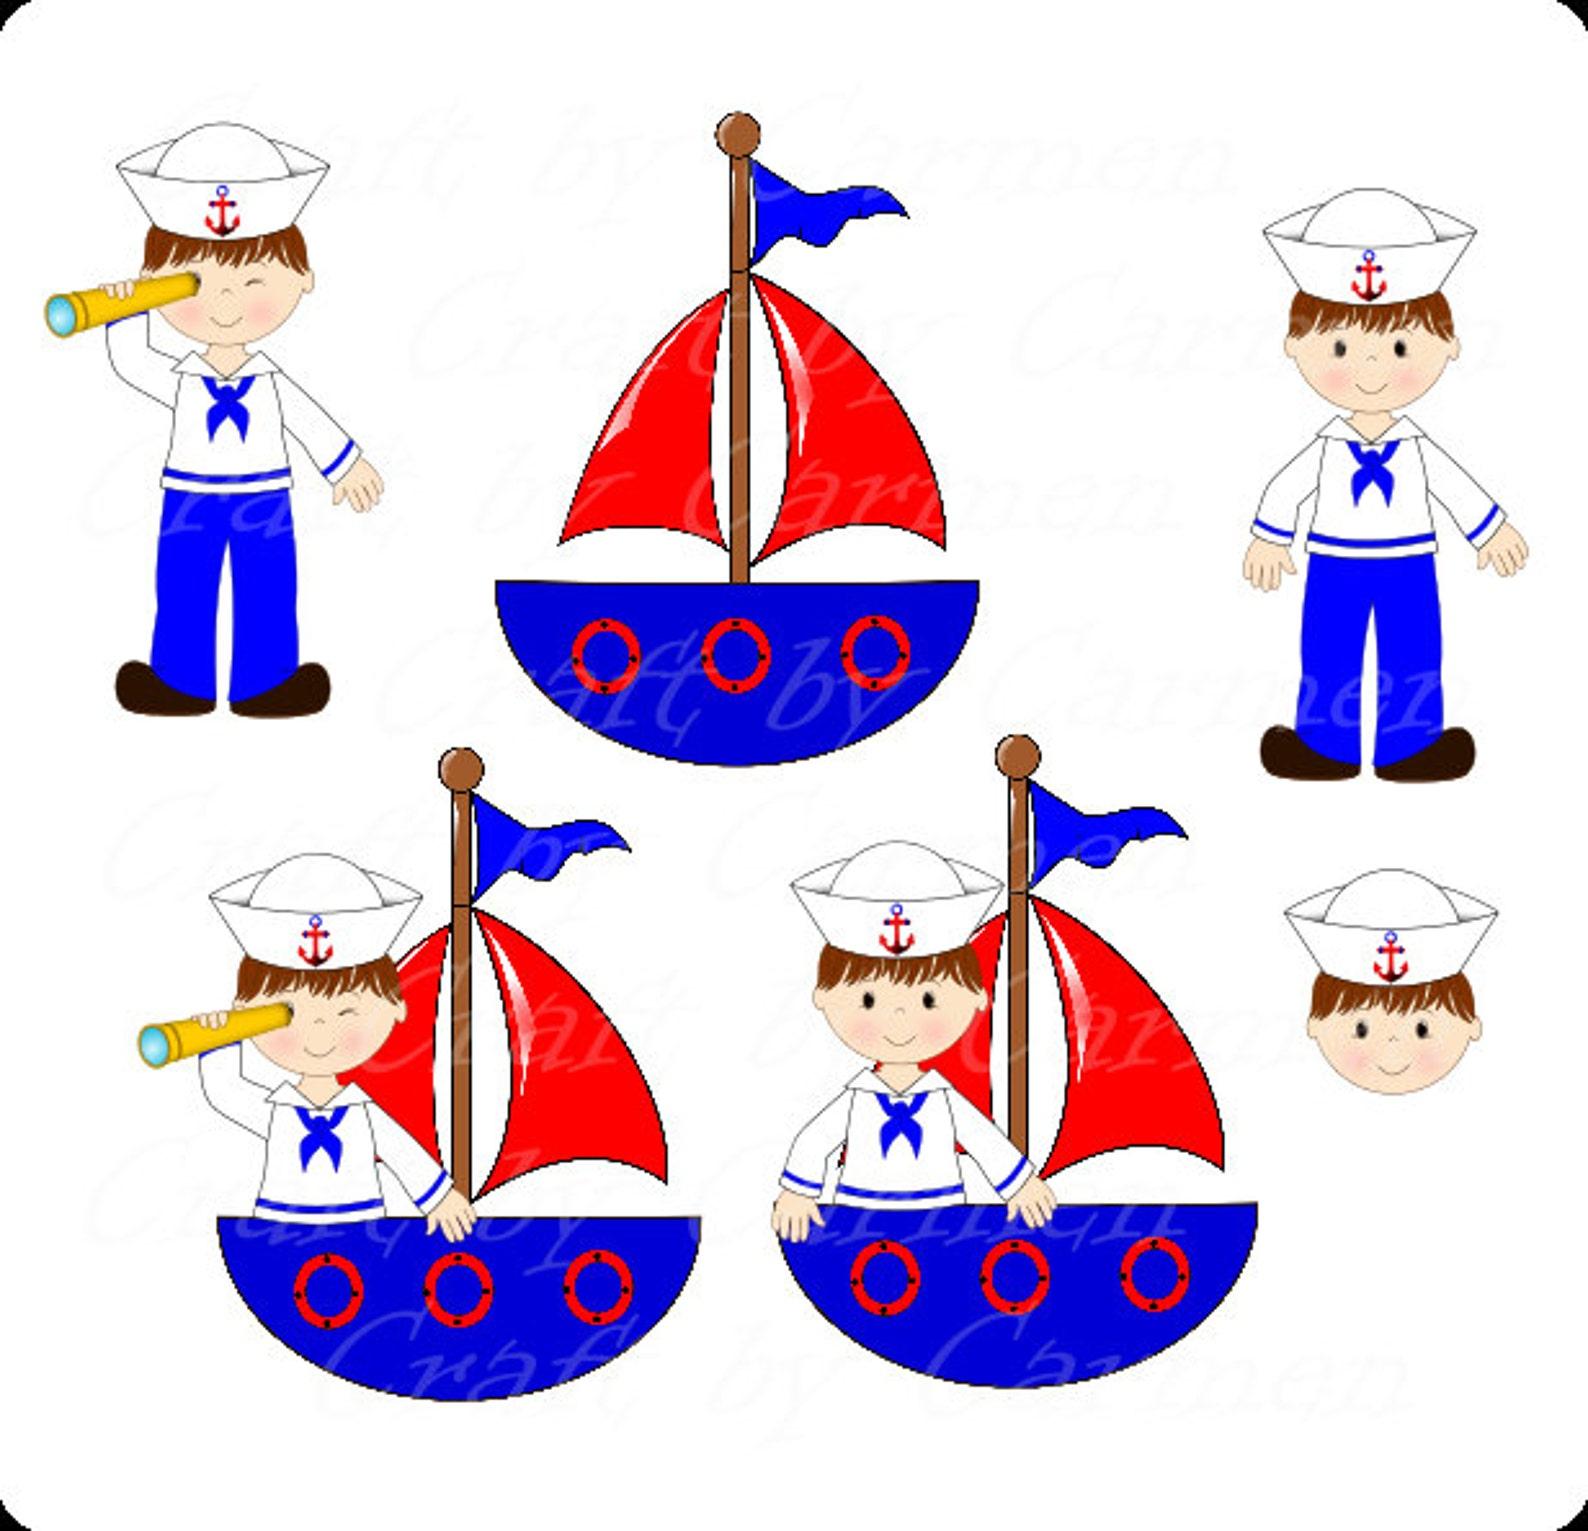 Картинка моряка для детей, февраля открытки